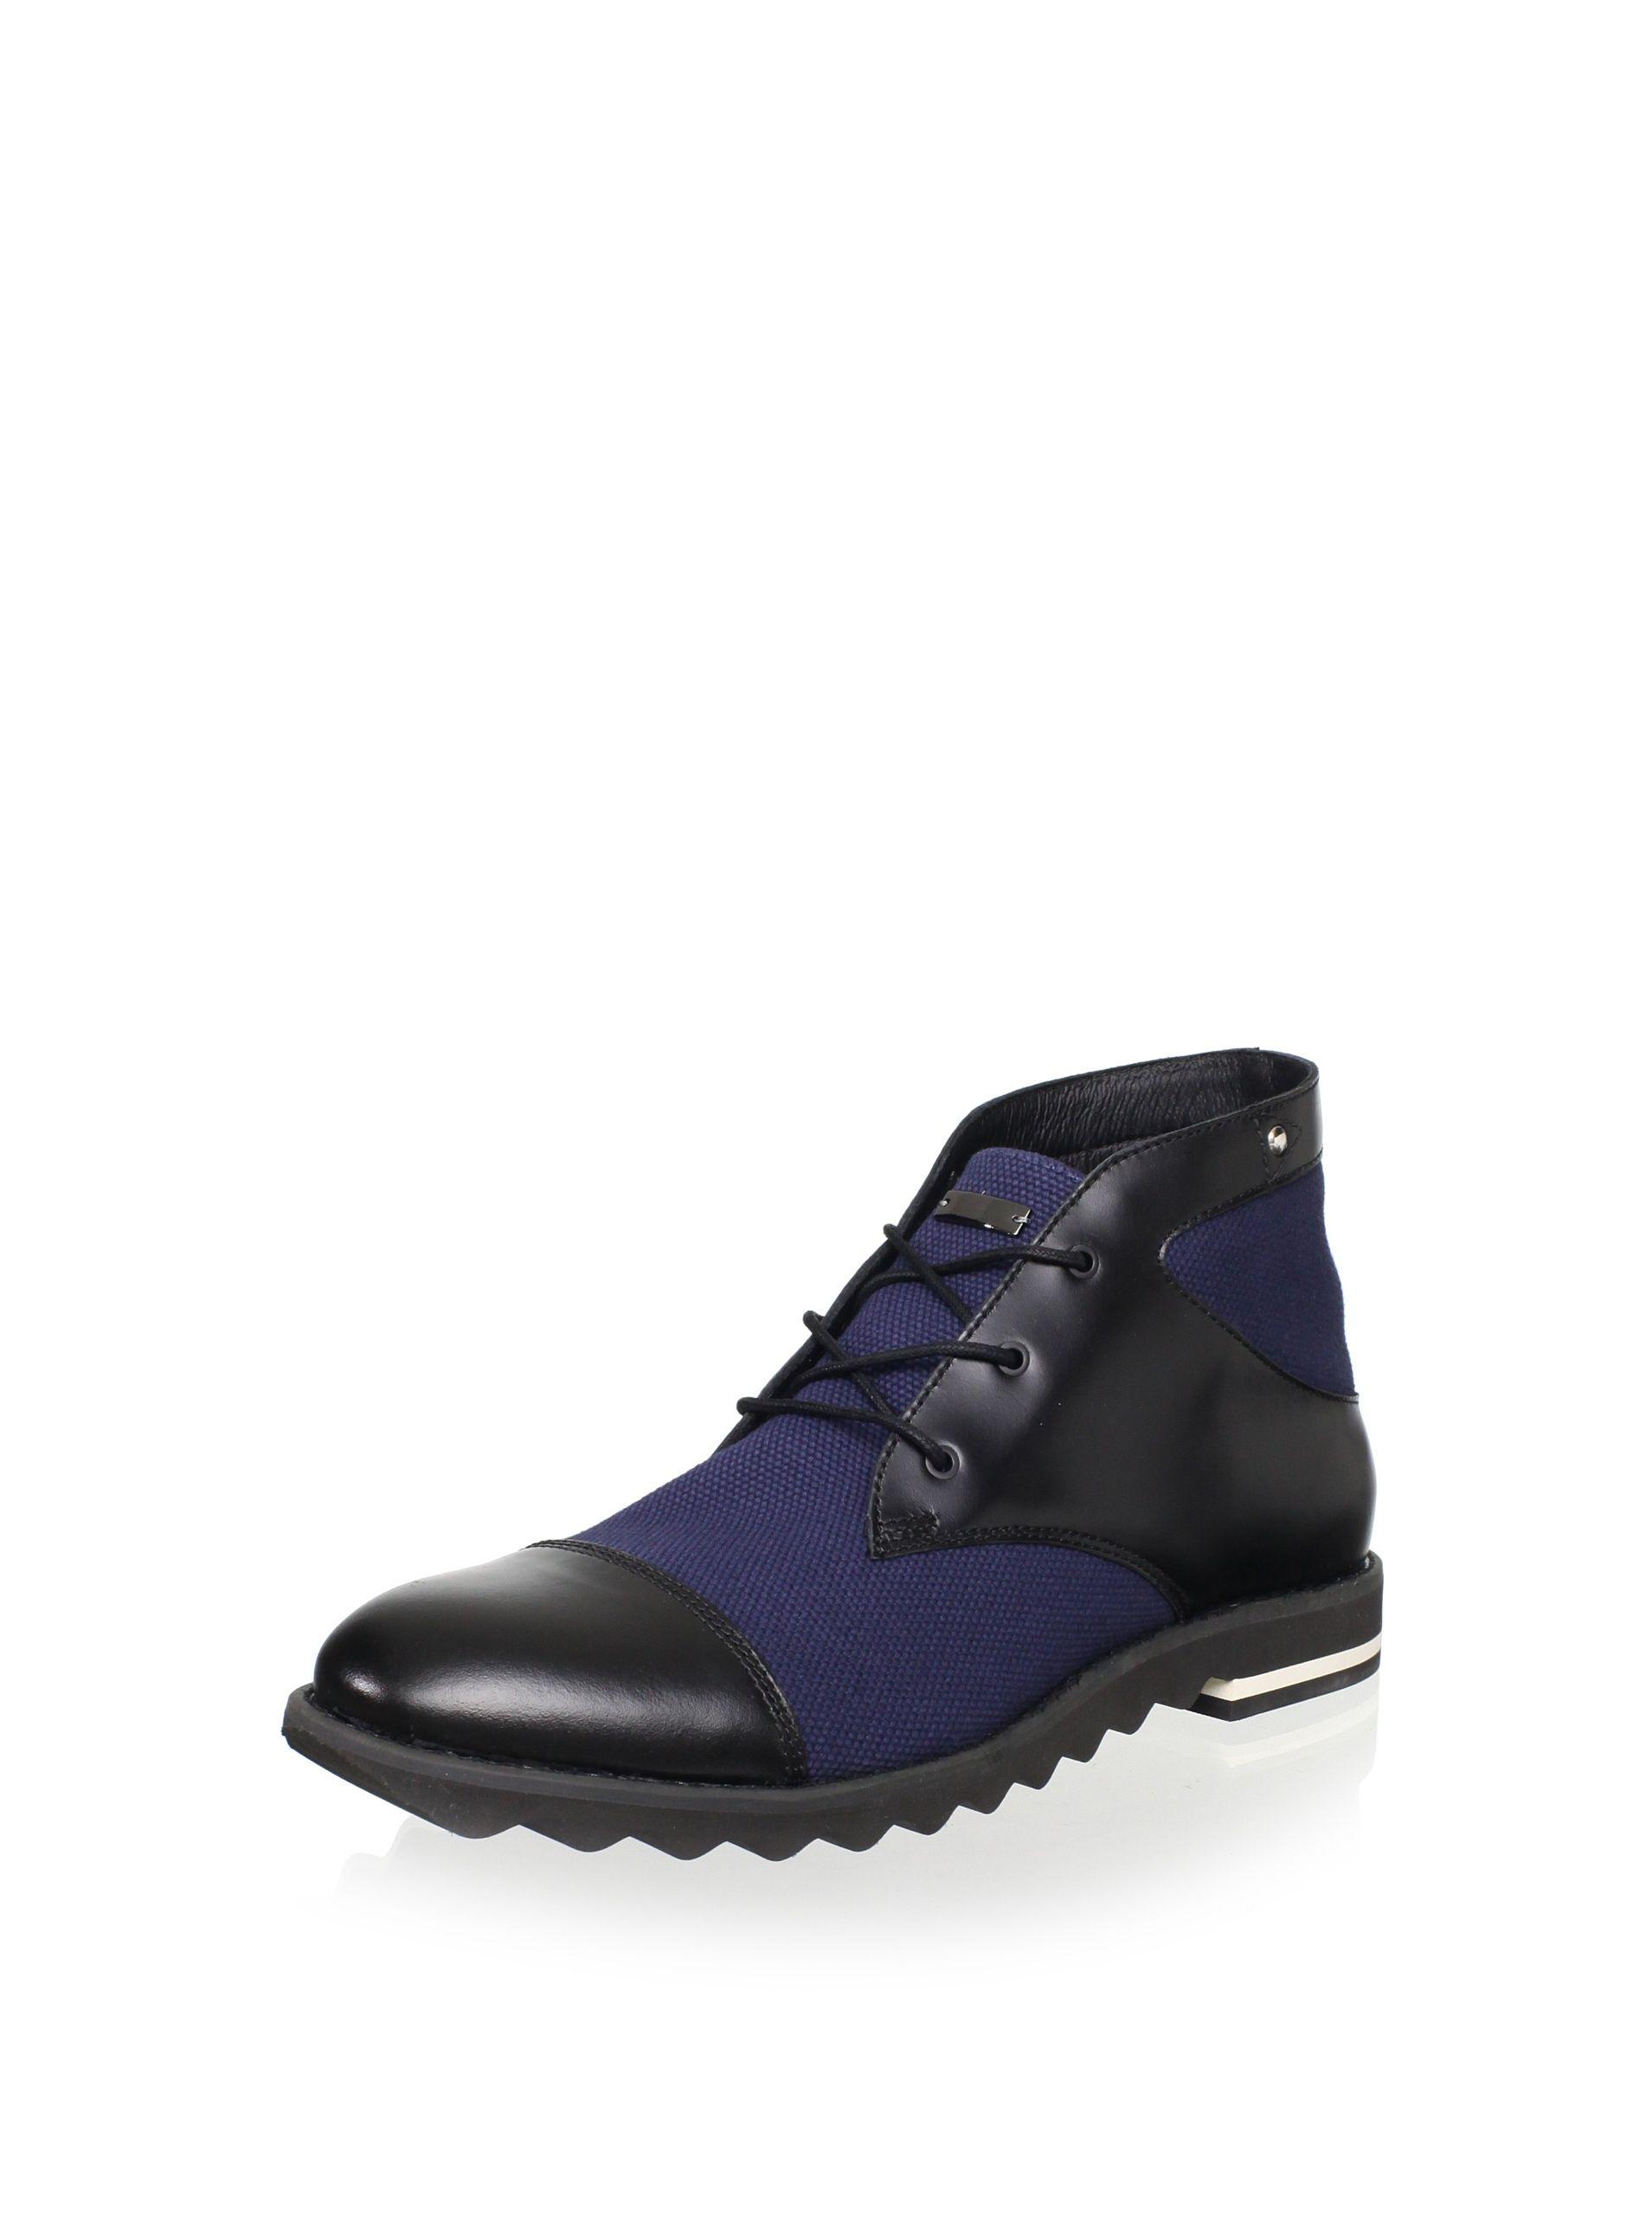 Adidas slvr desert boot scarpe pinterest